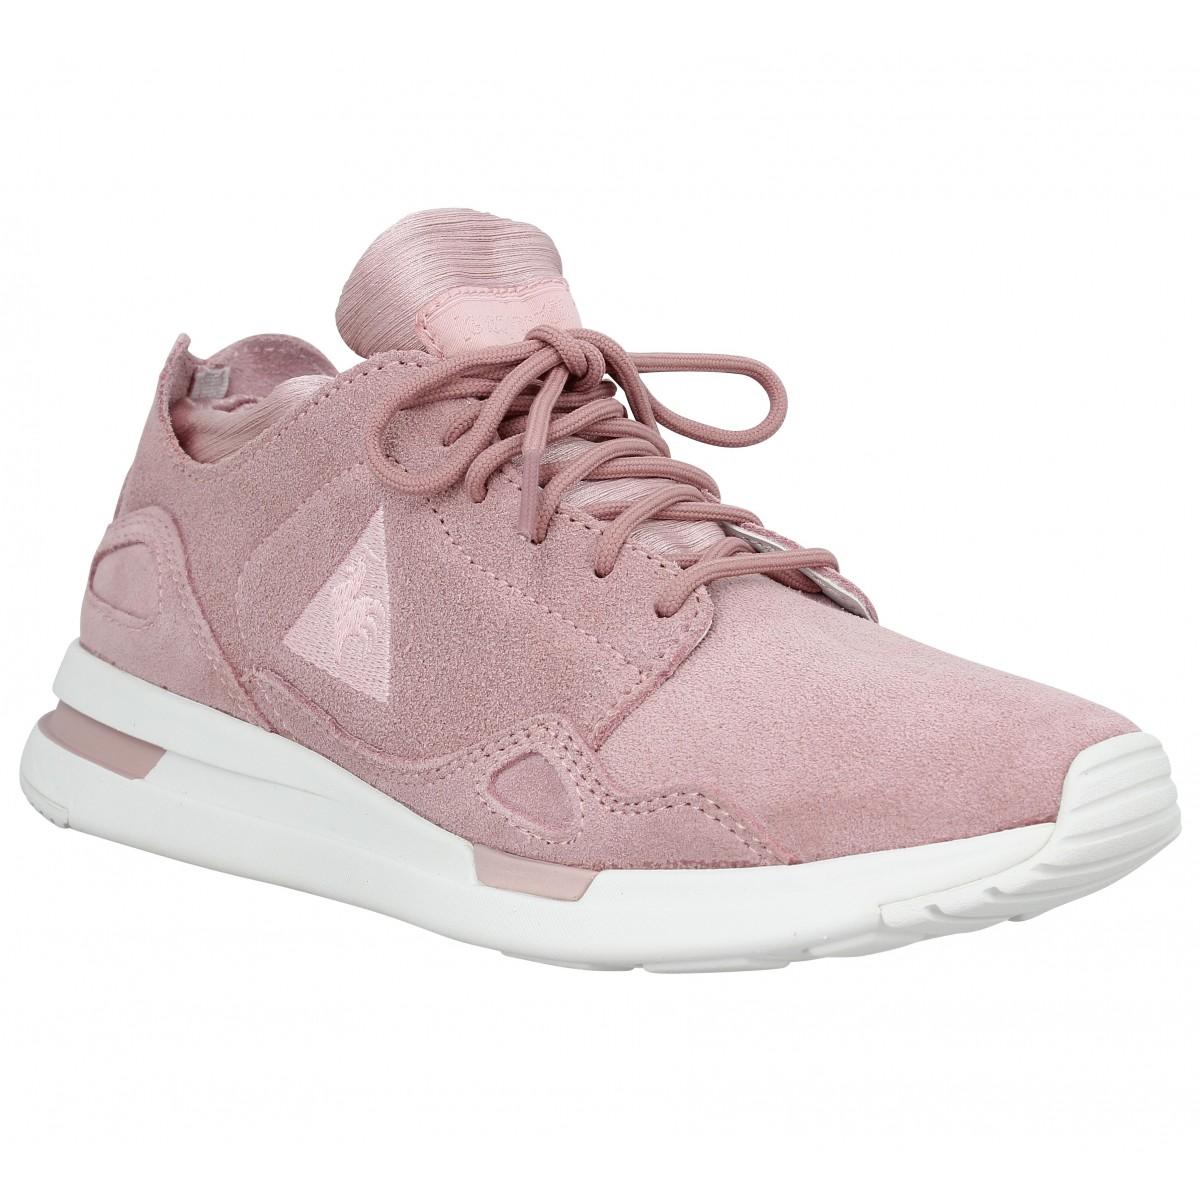 le coq sportif chaussures pour femme vente en ligne. Black Bedroom Furniture Sets. Home Design Ideas